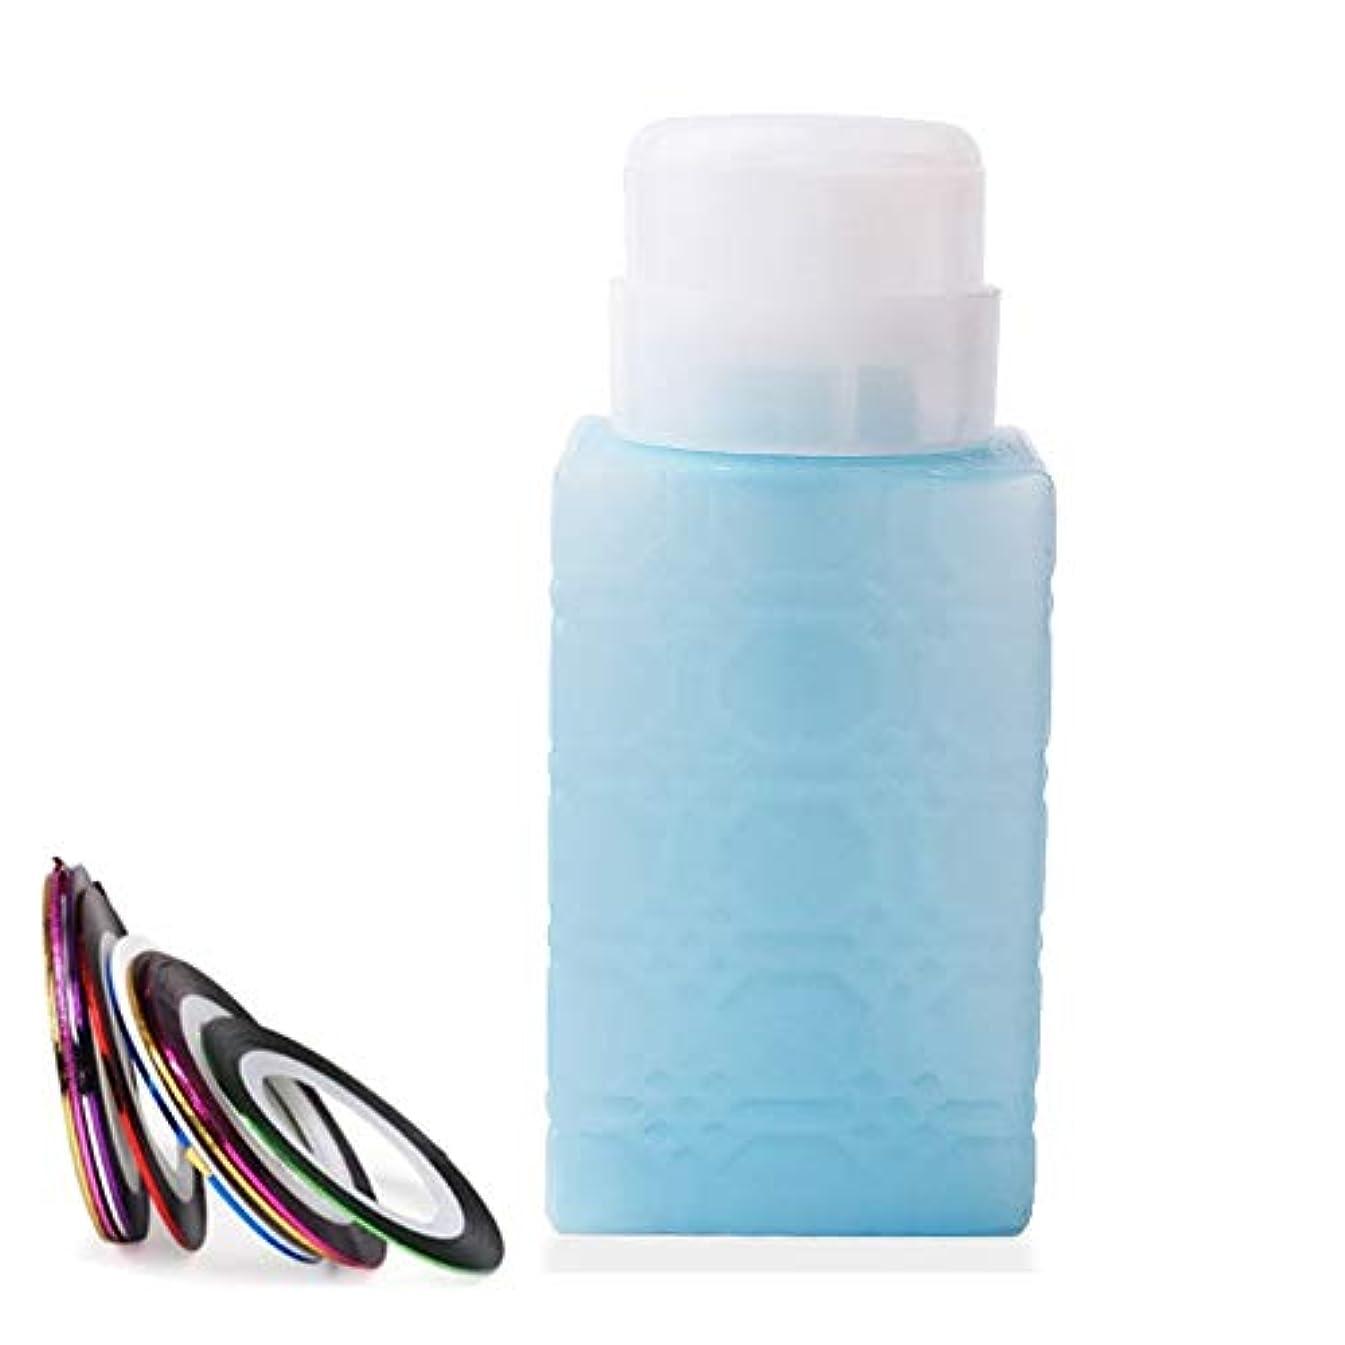 忠実に情緒的くすぐったい空ポンプボトル ポンプディスペンサー ネイルワイプ瓶 ジュルクリーナー ジュルリムーバー 可愛い (ブルー)